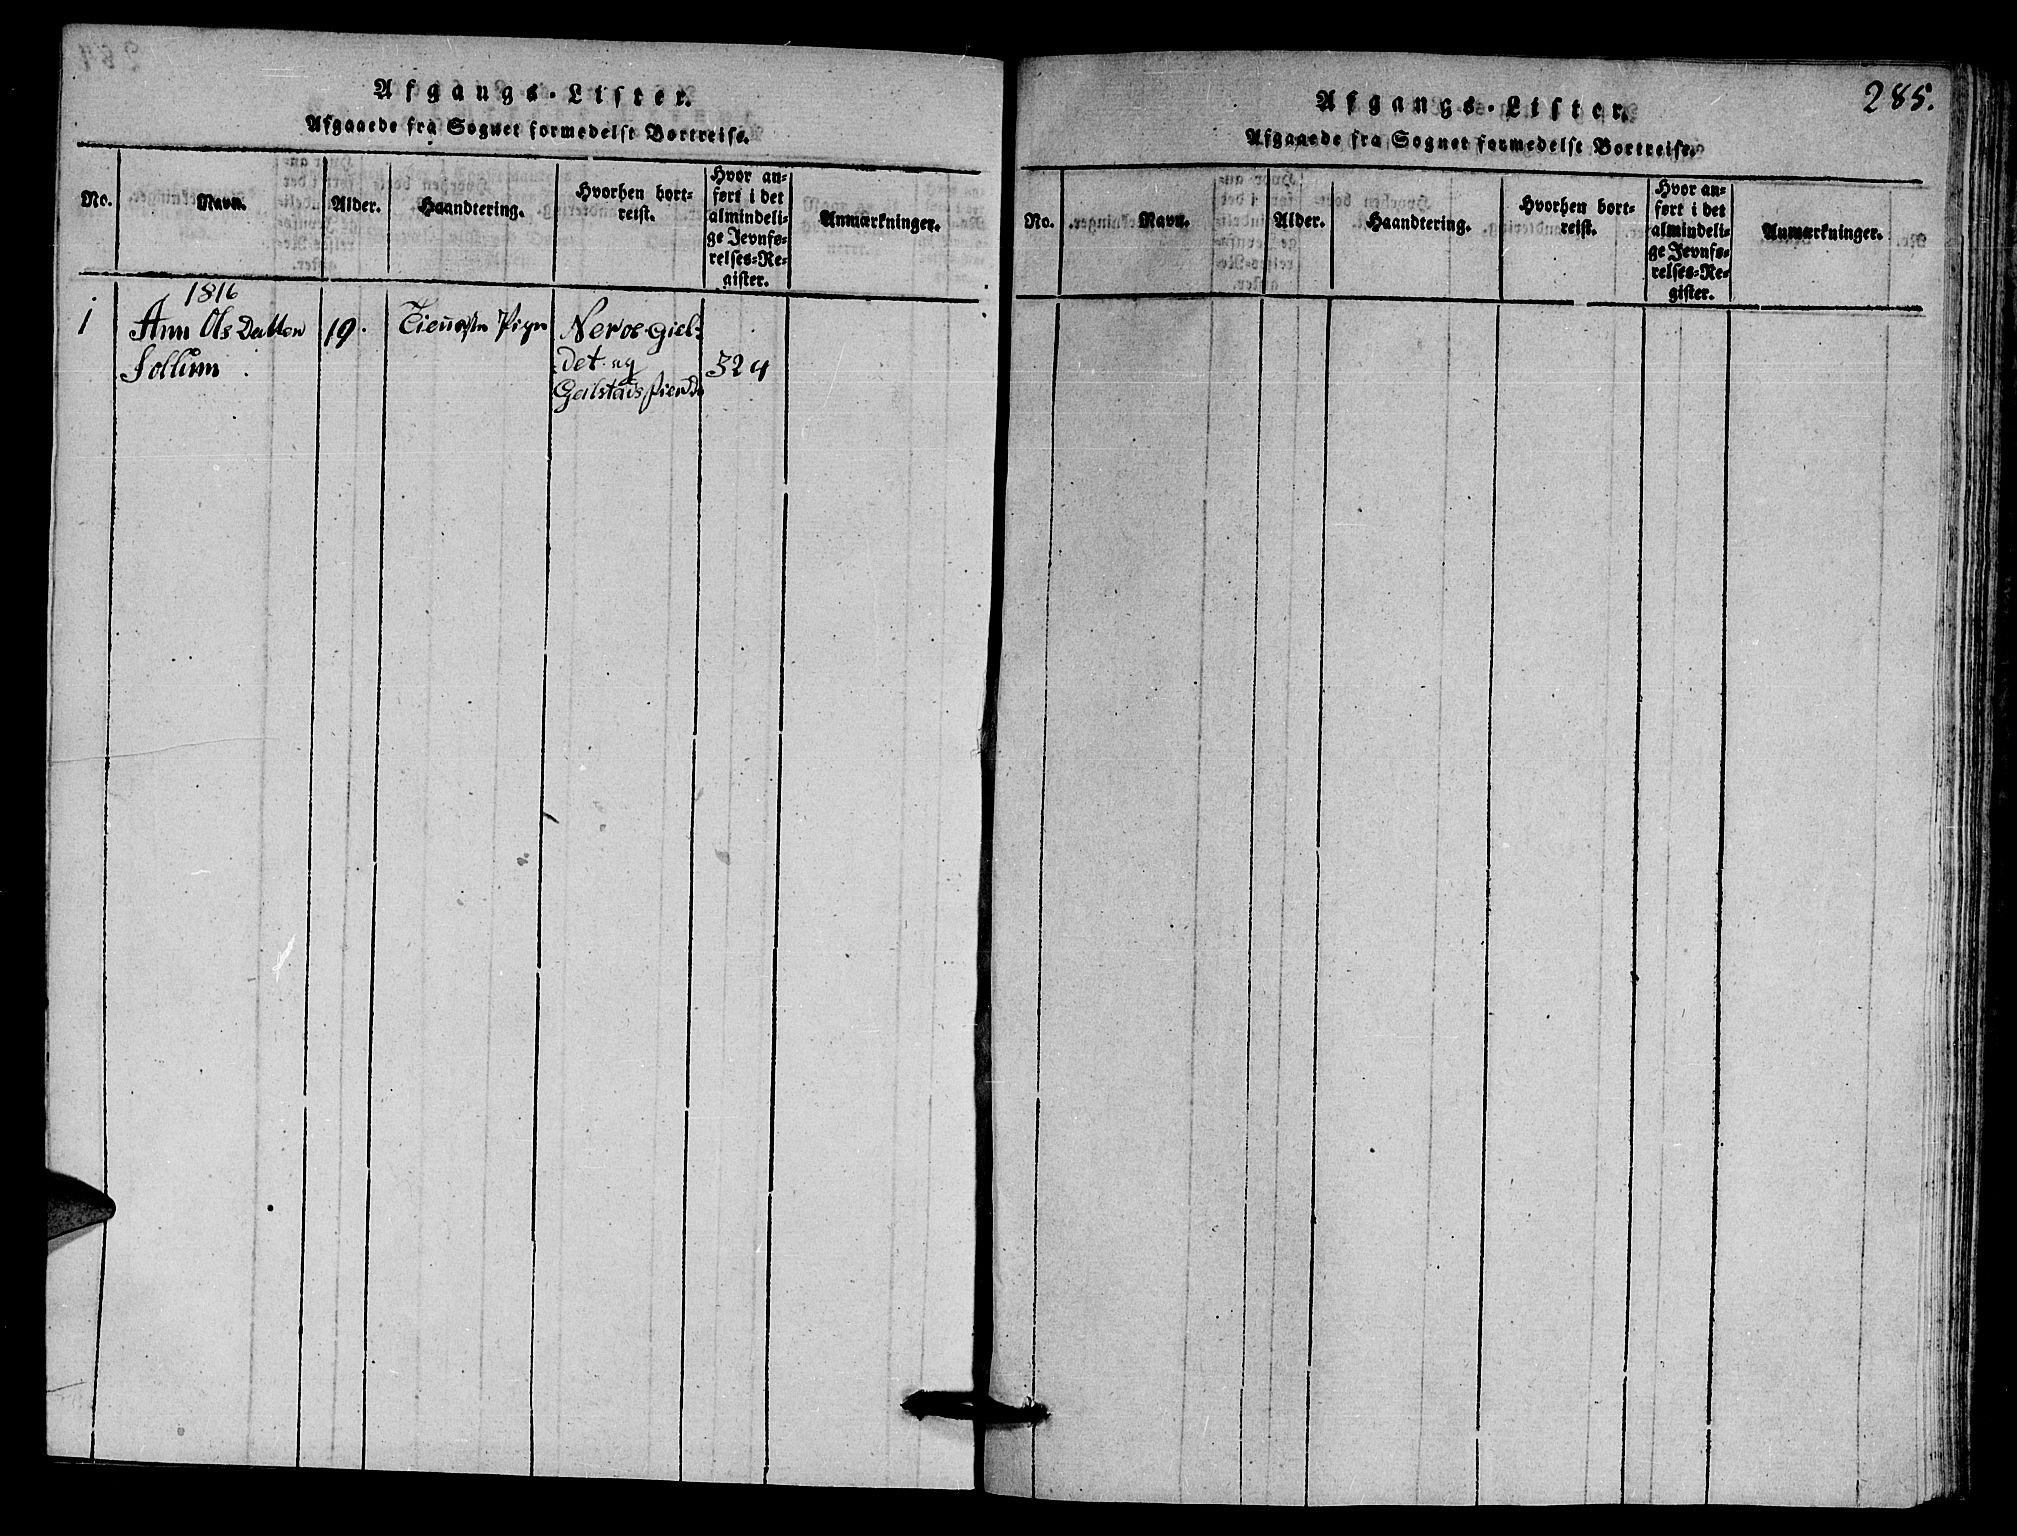 SAT, Ministerialprotokoller, klokkerbøker og fødselsregistre - Nord-Trøndelag, 770/L0590: Klokkerbok nr. 770C01, 1815-1824, s. 285